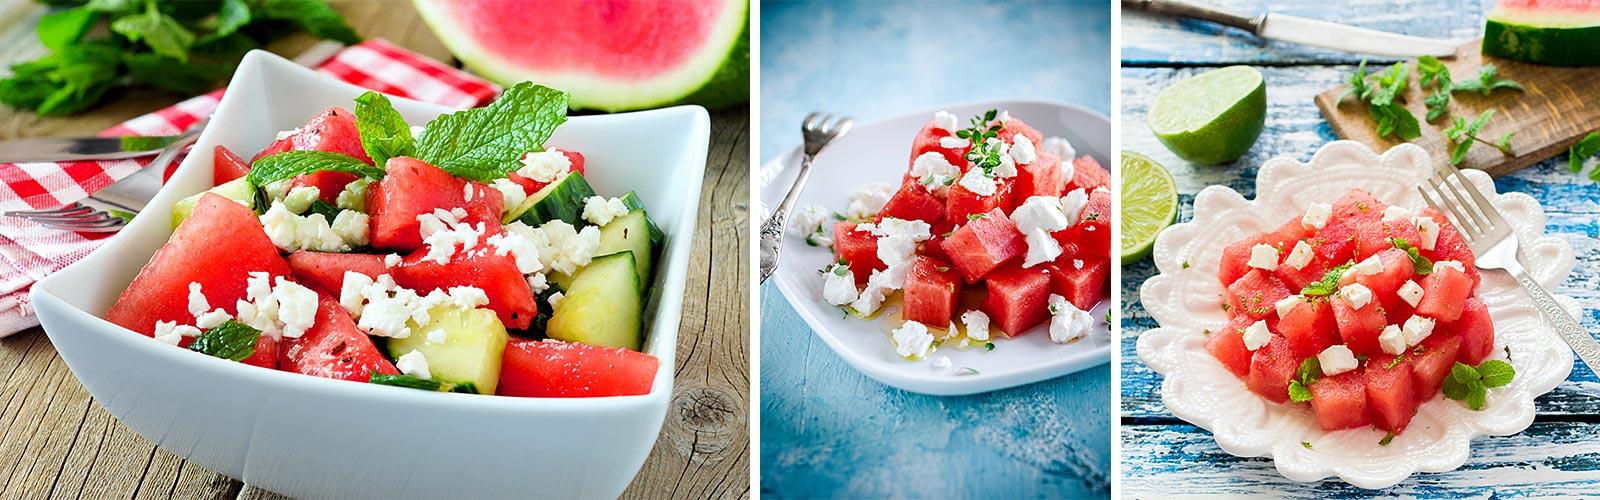 Sommersalate_Wassermelone_Schafskäse